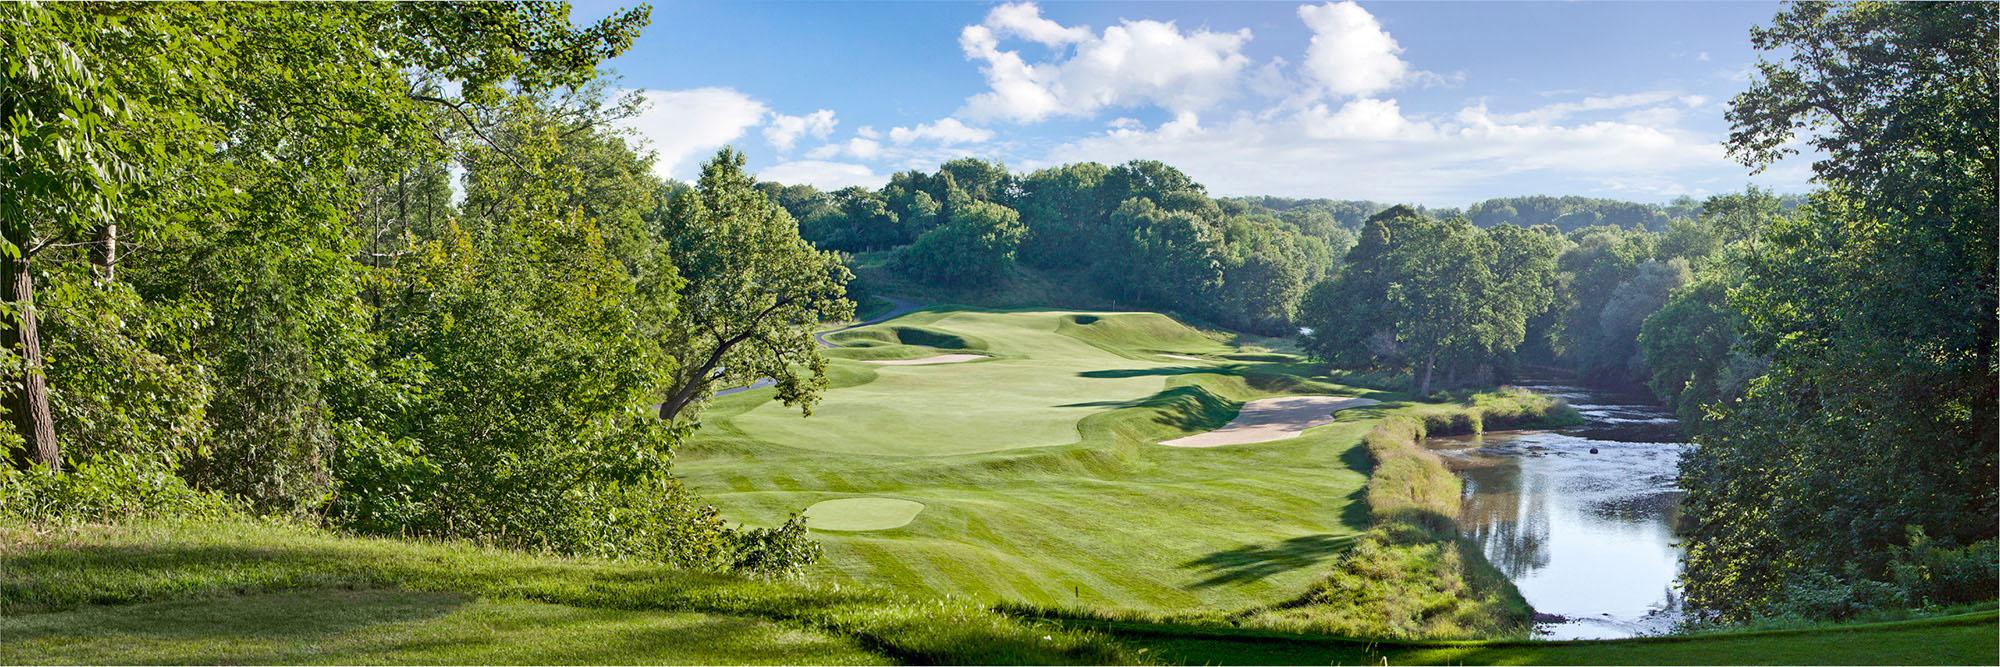 Golf Course Image - Blackwolf Run River Course No. 5